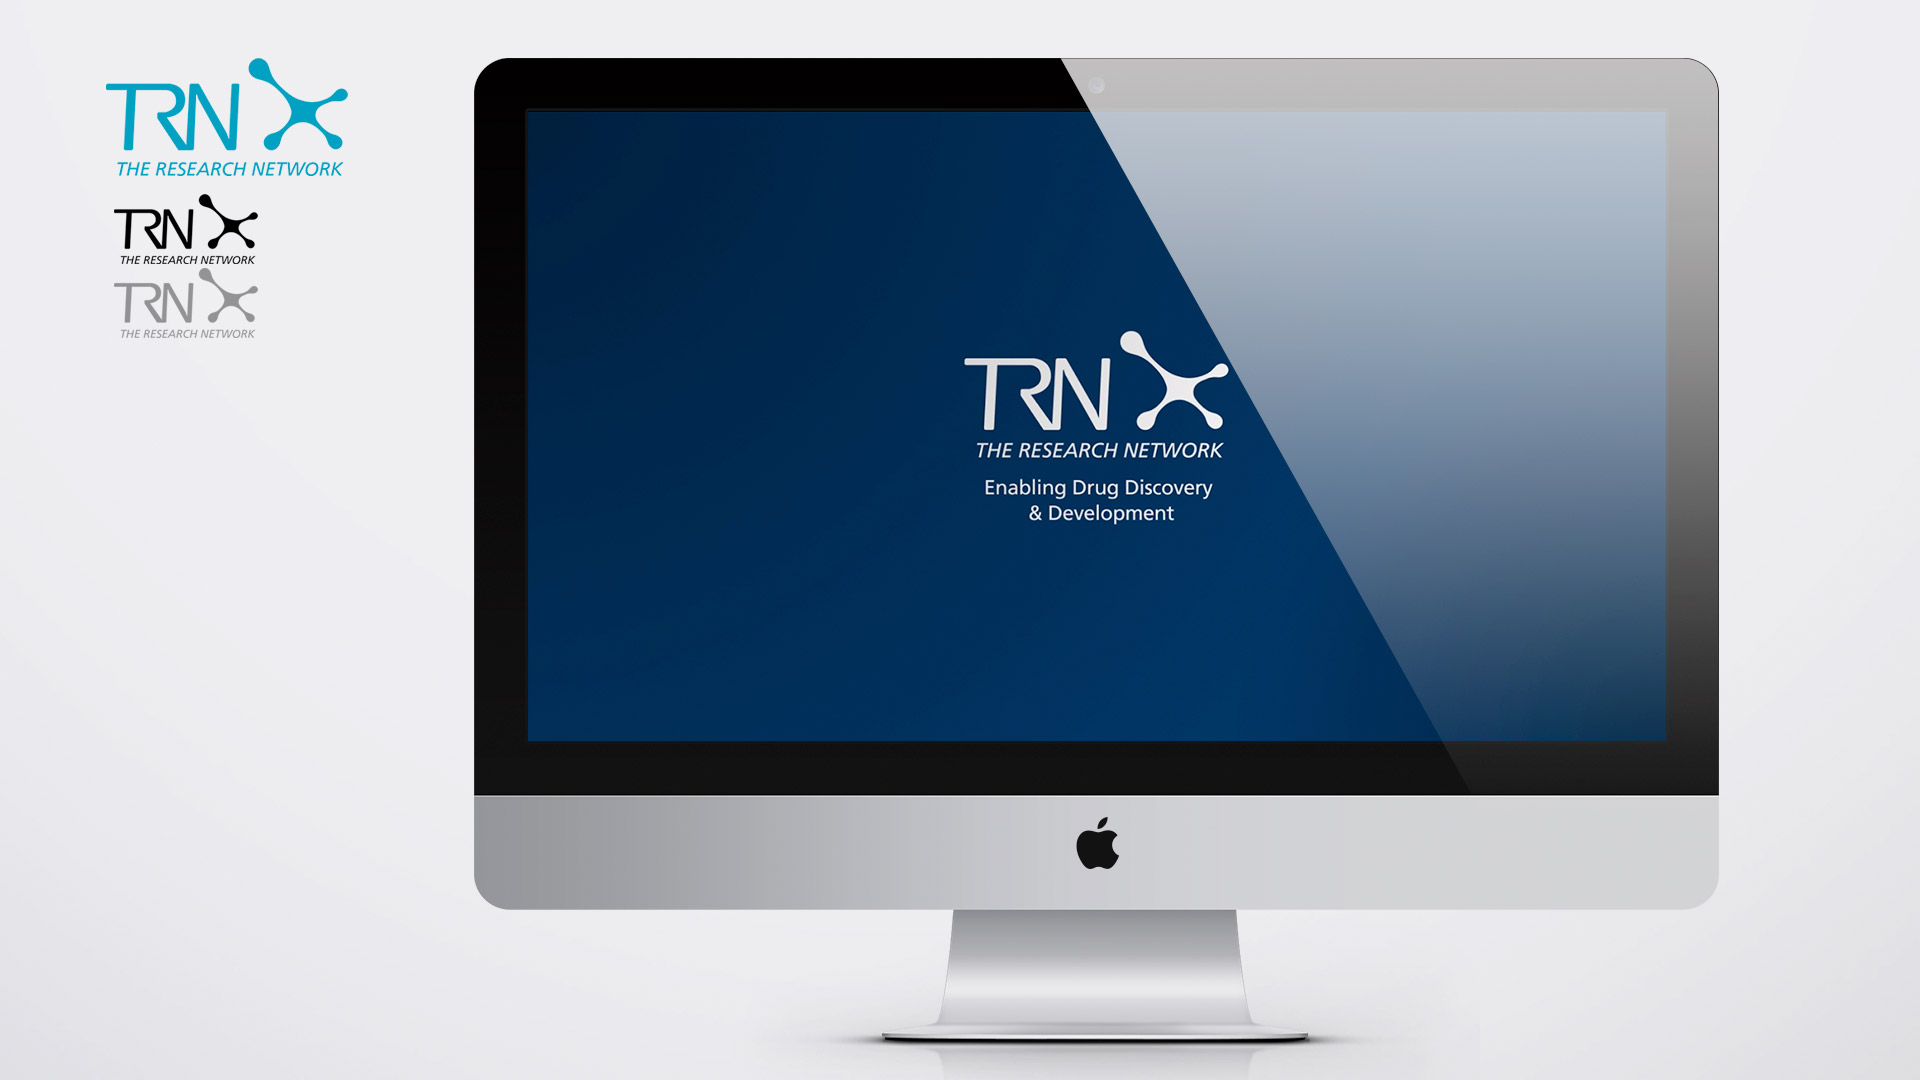 trn_5